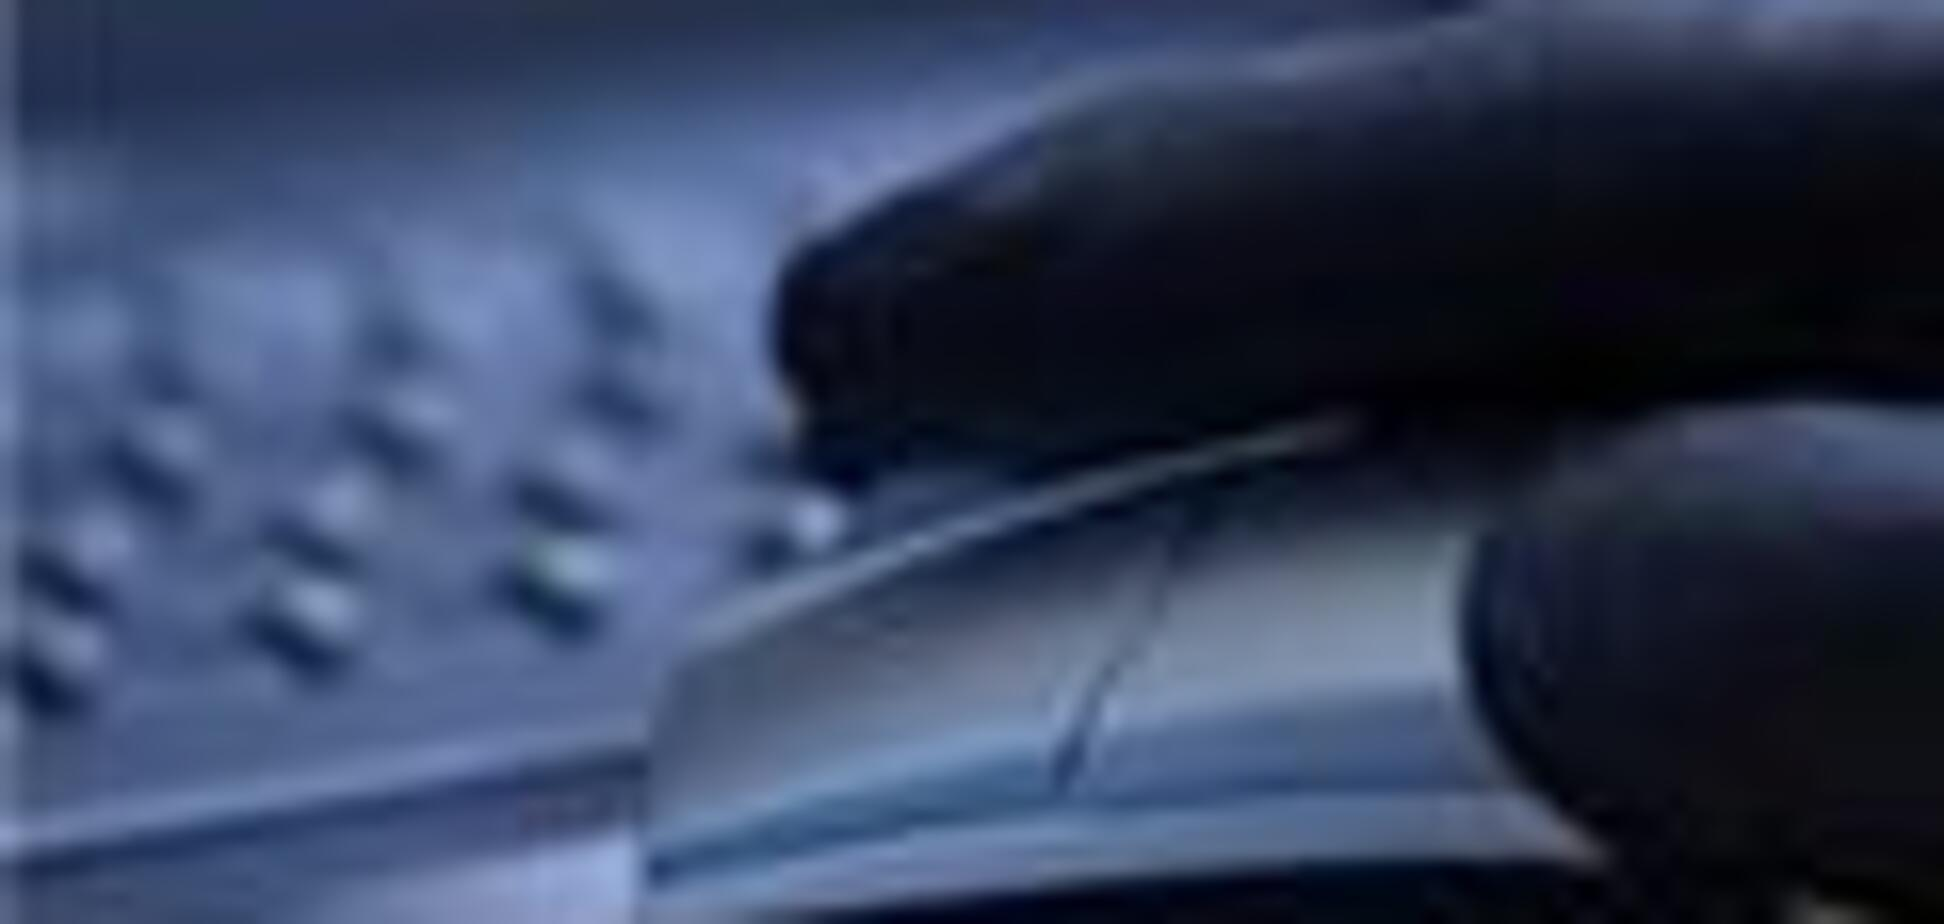 У Дніпропетровську затримали хакера, який працював за замовленням